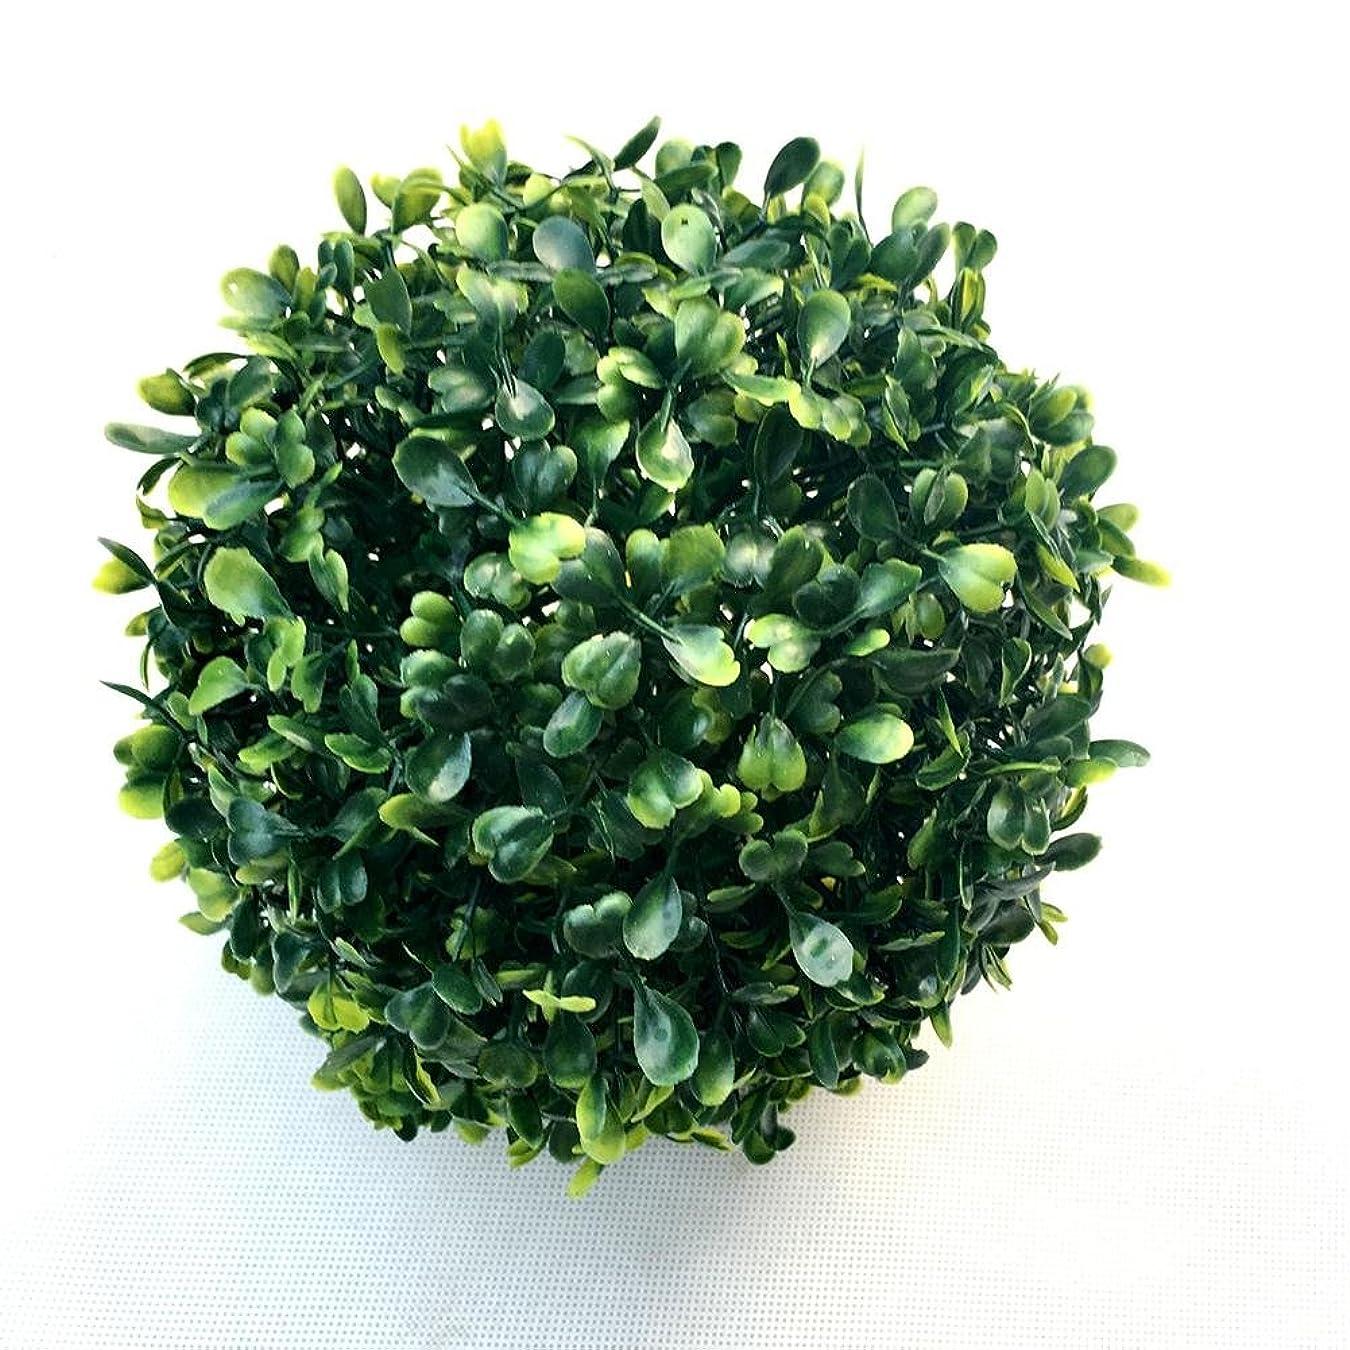 煙突挨拶する四回Jicorzo - 1 PCのシミュレートプラスチックままボール人工芝ボールホームパーティー結婚式の装飾[15センチメートル]